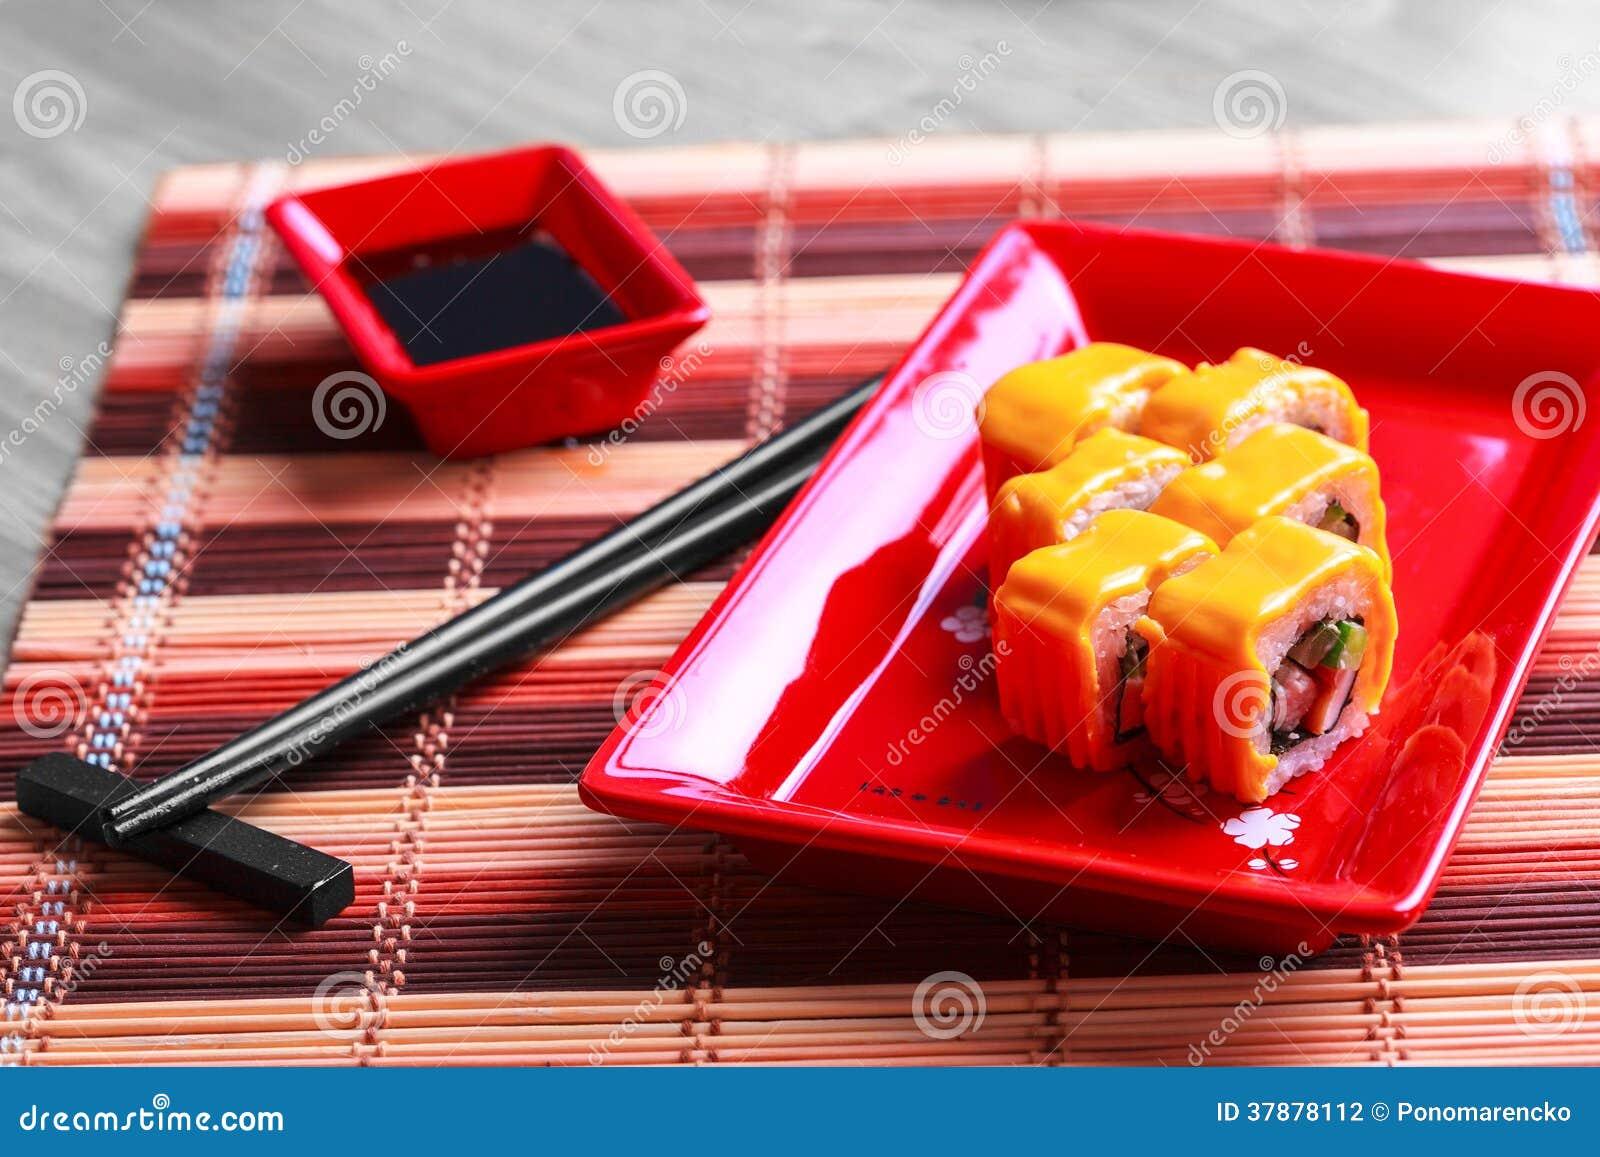 Broodje met kaas op rode plaat